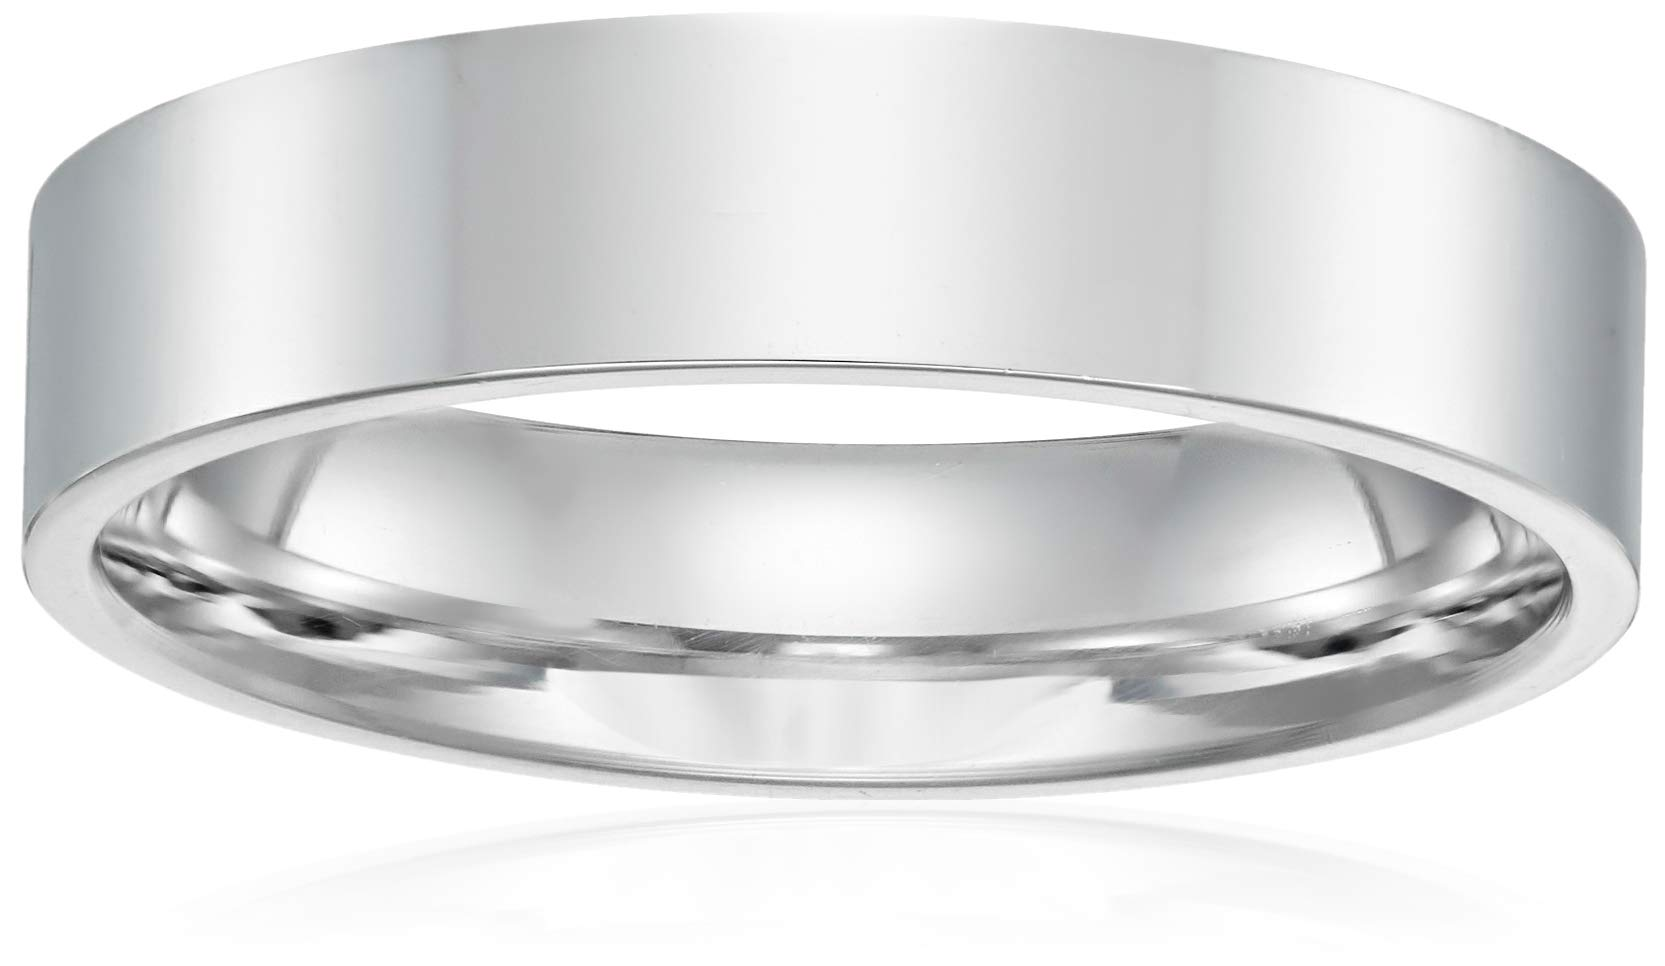 Decadence Unisex 14K White Gold 5mm Polished Flat Comfort Feel Plain Wedding Band, 8.5